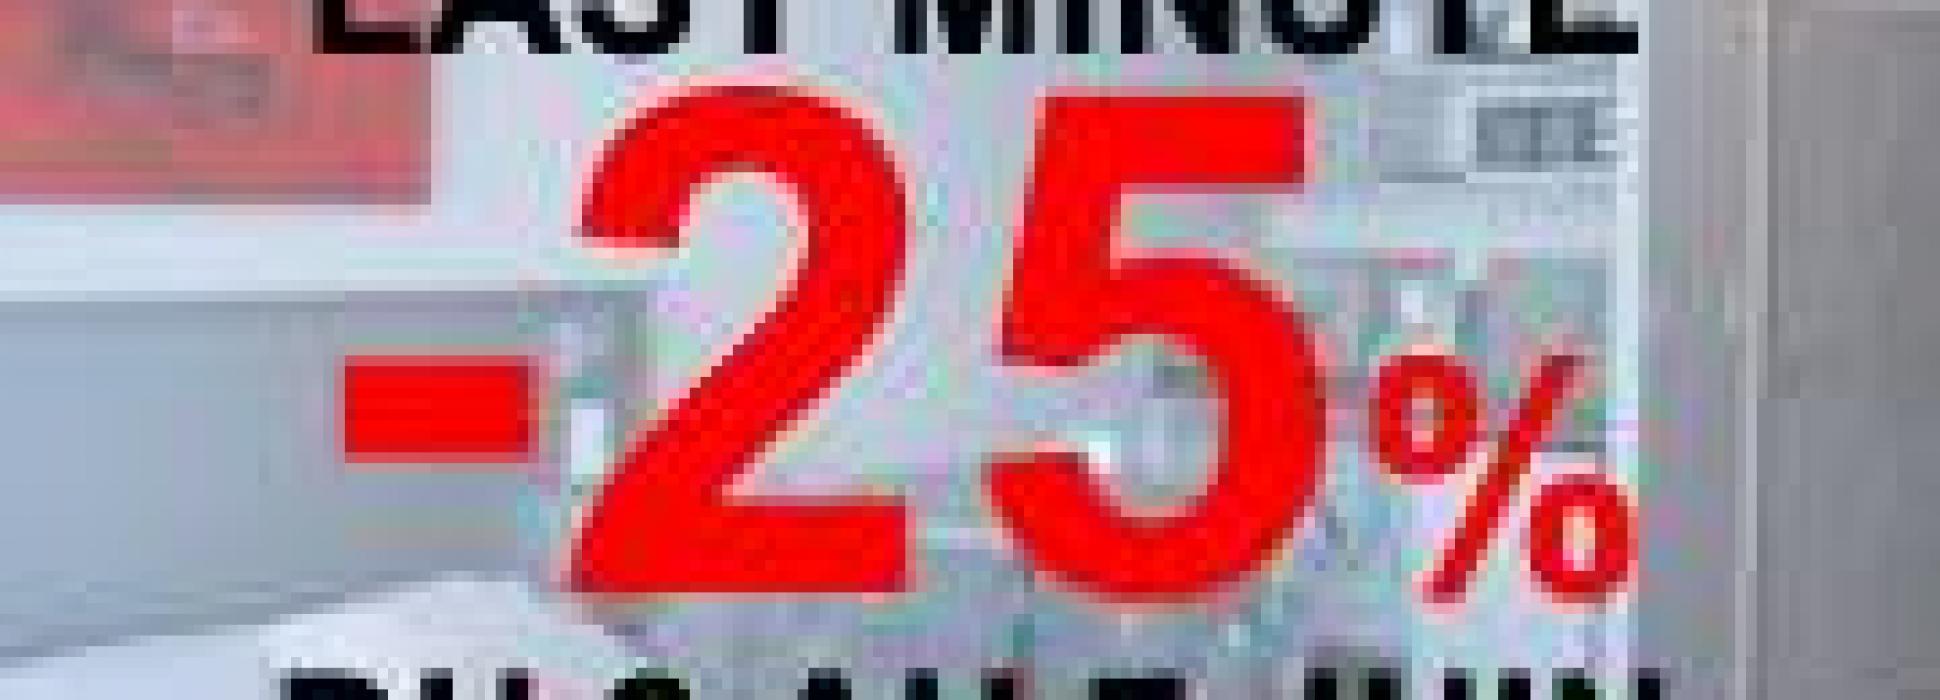 OFFRE LAST MINUTE : -25% pour votre séjour entre le 2 et 7 juin